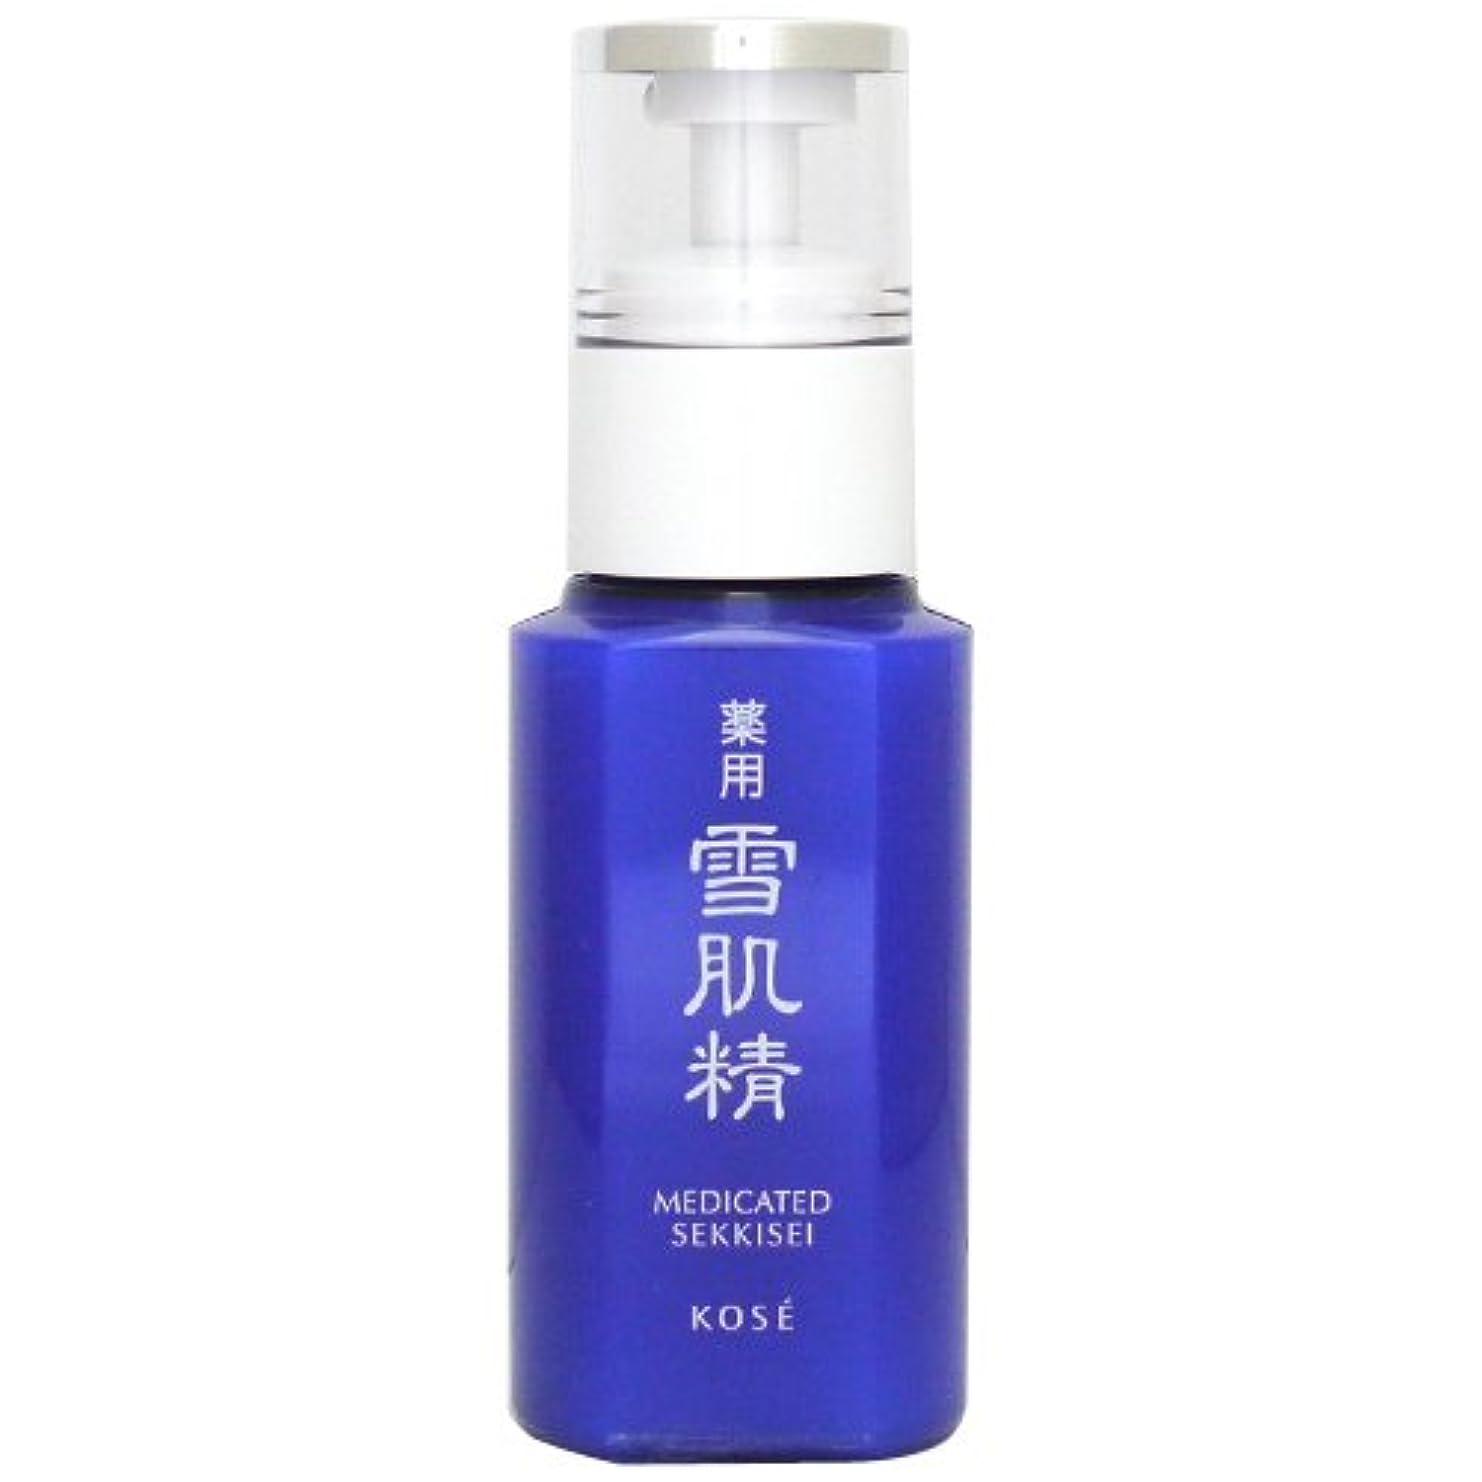 隠す北東天のコーセー雪肌精 薬用 乳液(トライアルサイズ) 限定 【save the blue】 70mL